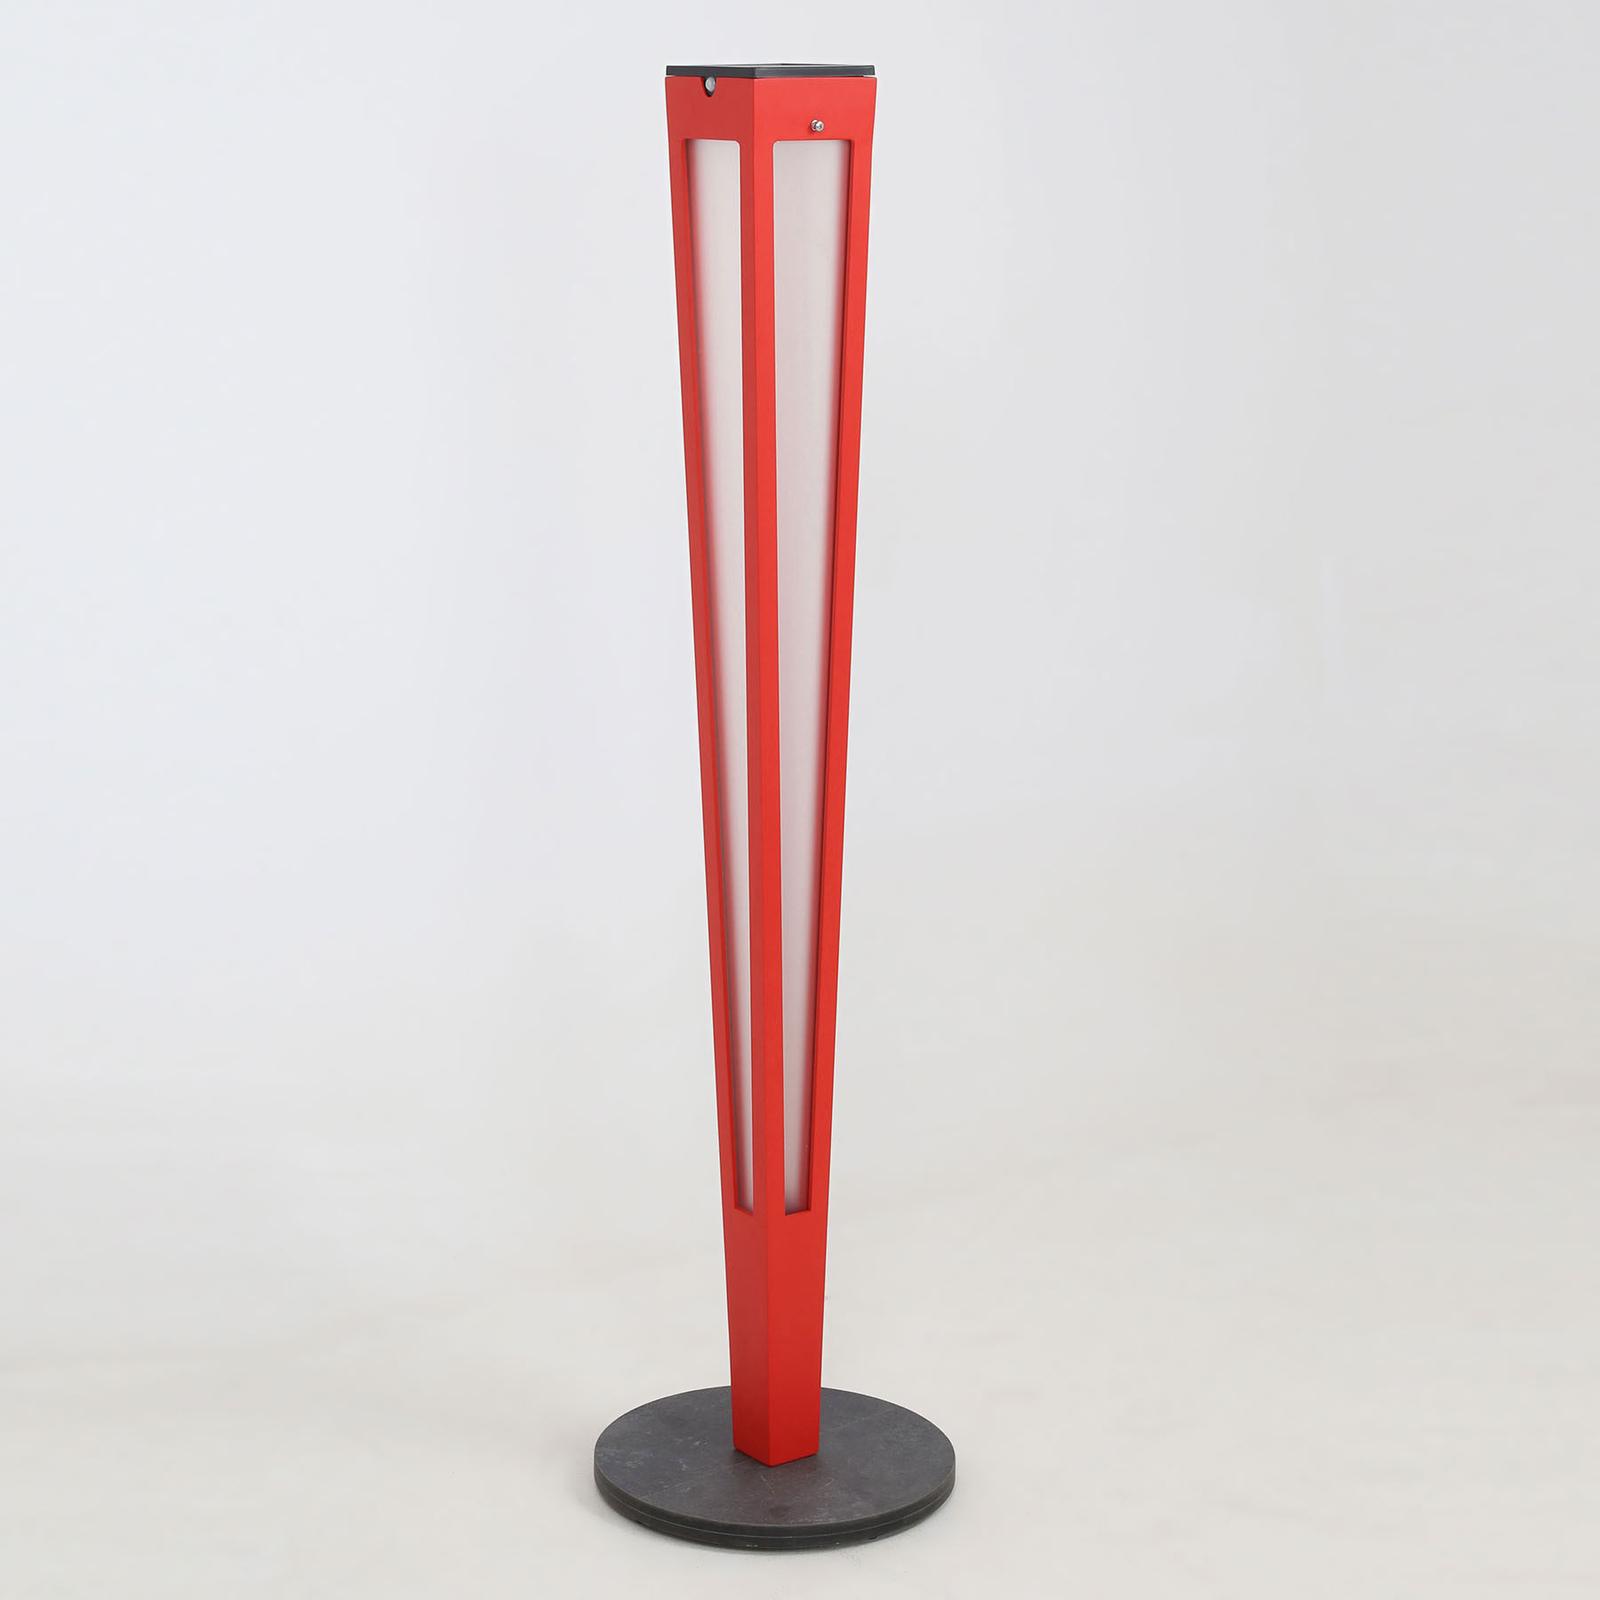 Fiaccola LED solare Tinka a sensore, 120 cm, rosso